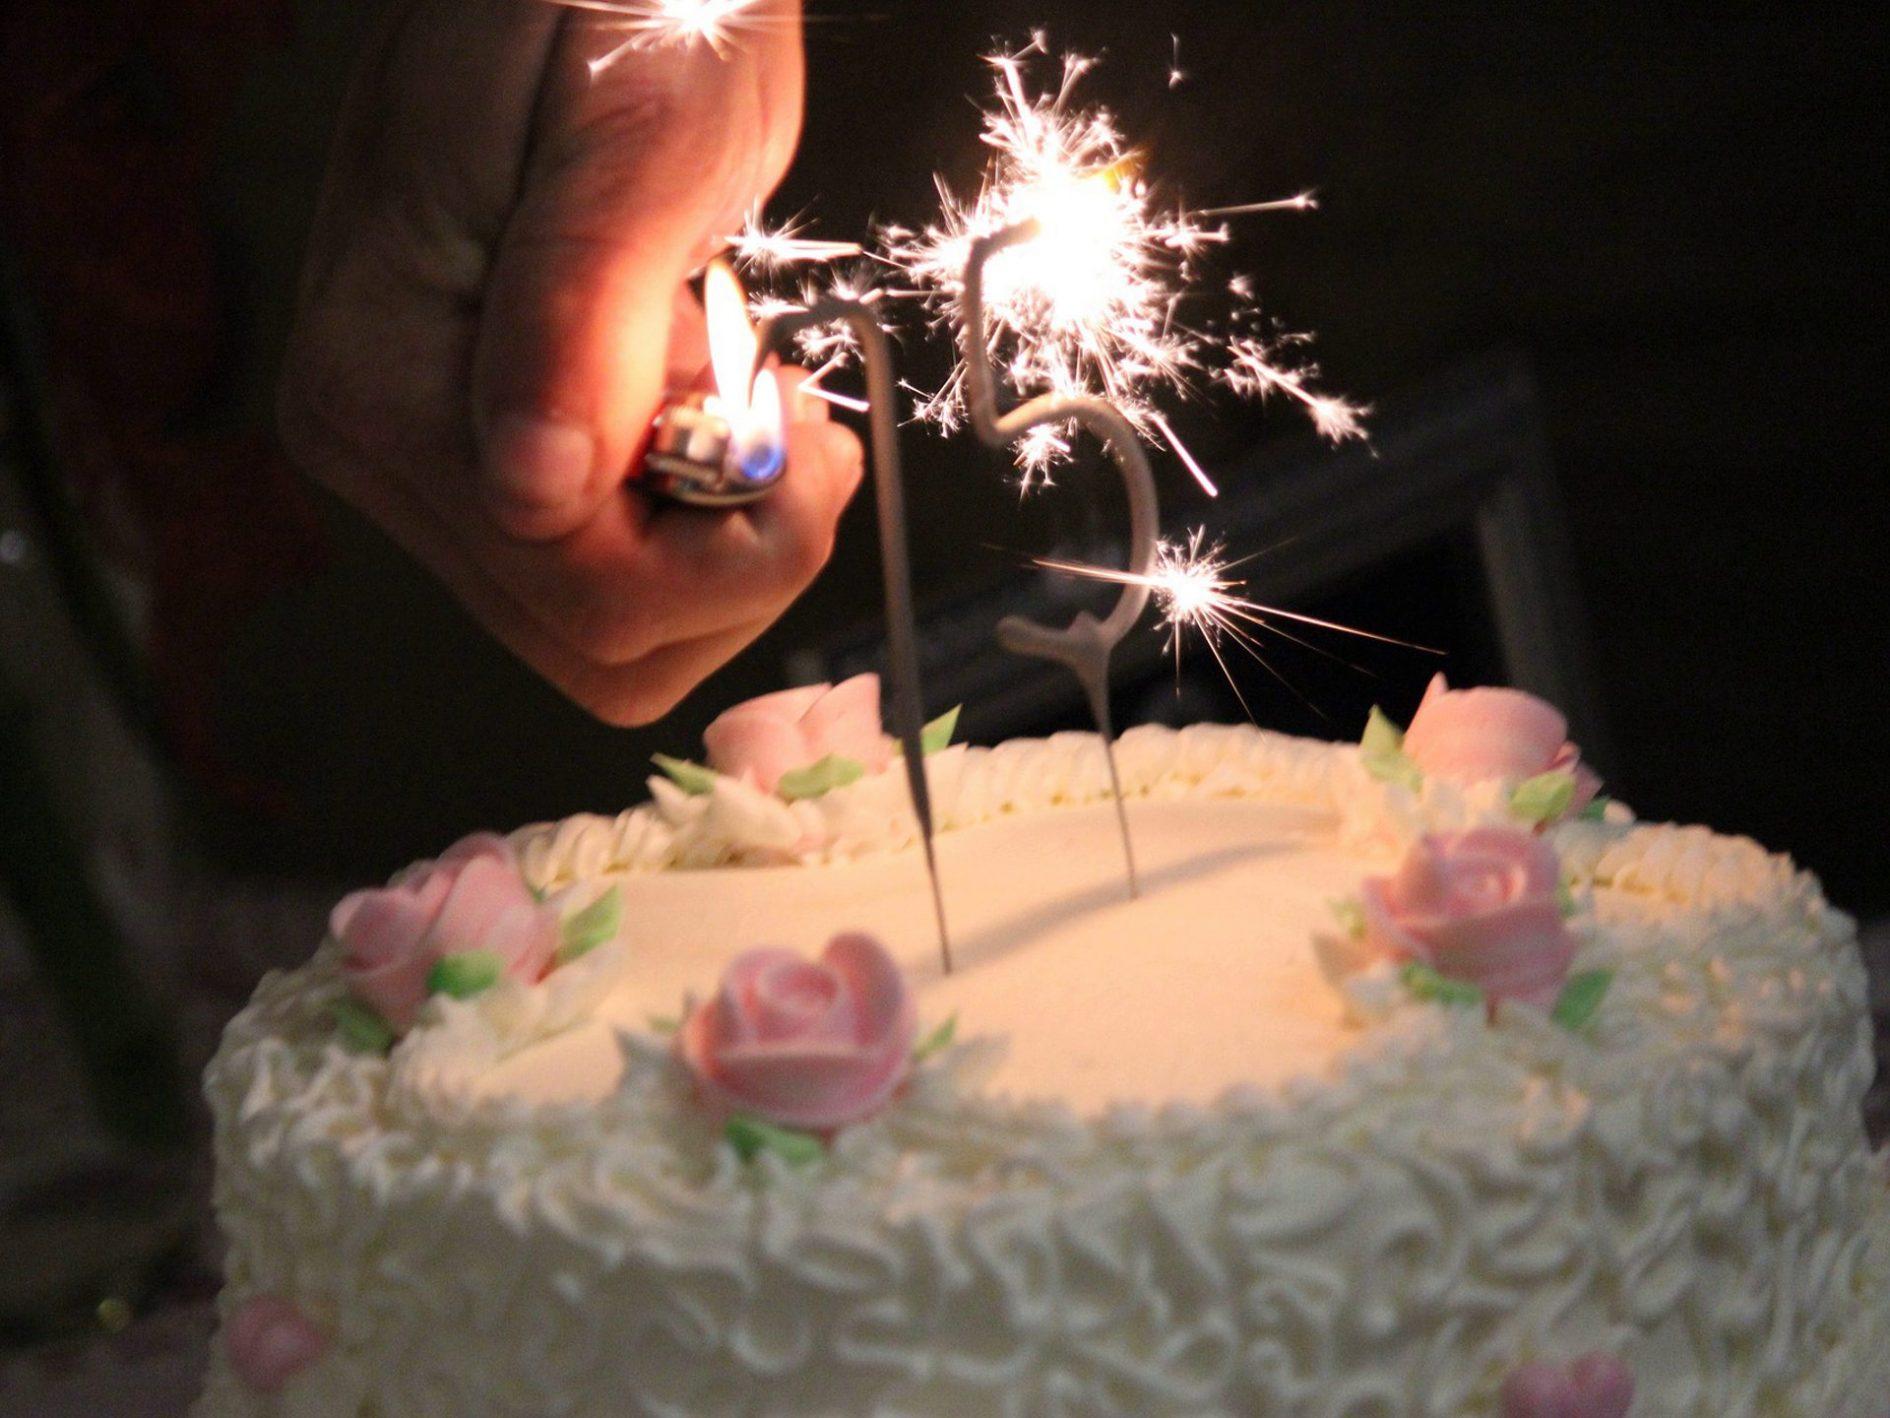 Gezellig verjaardagsfeestje voor alle nieuwe 75jarigen